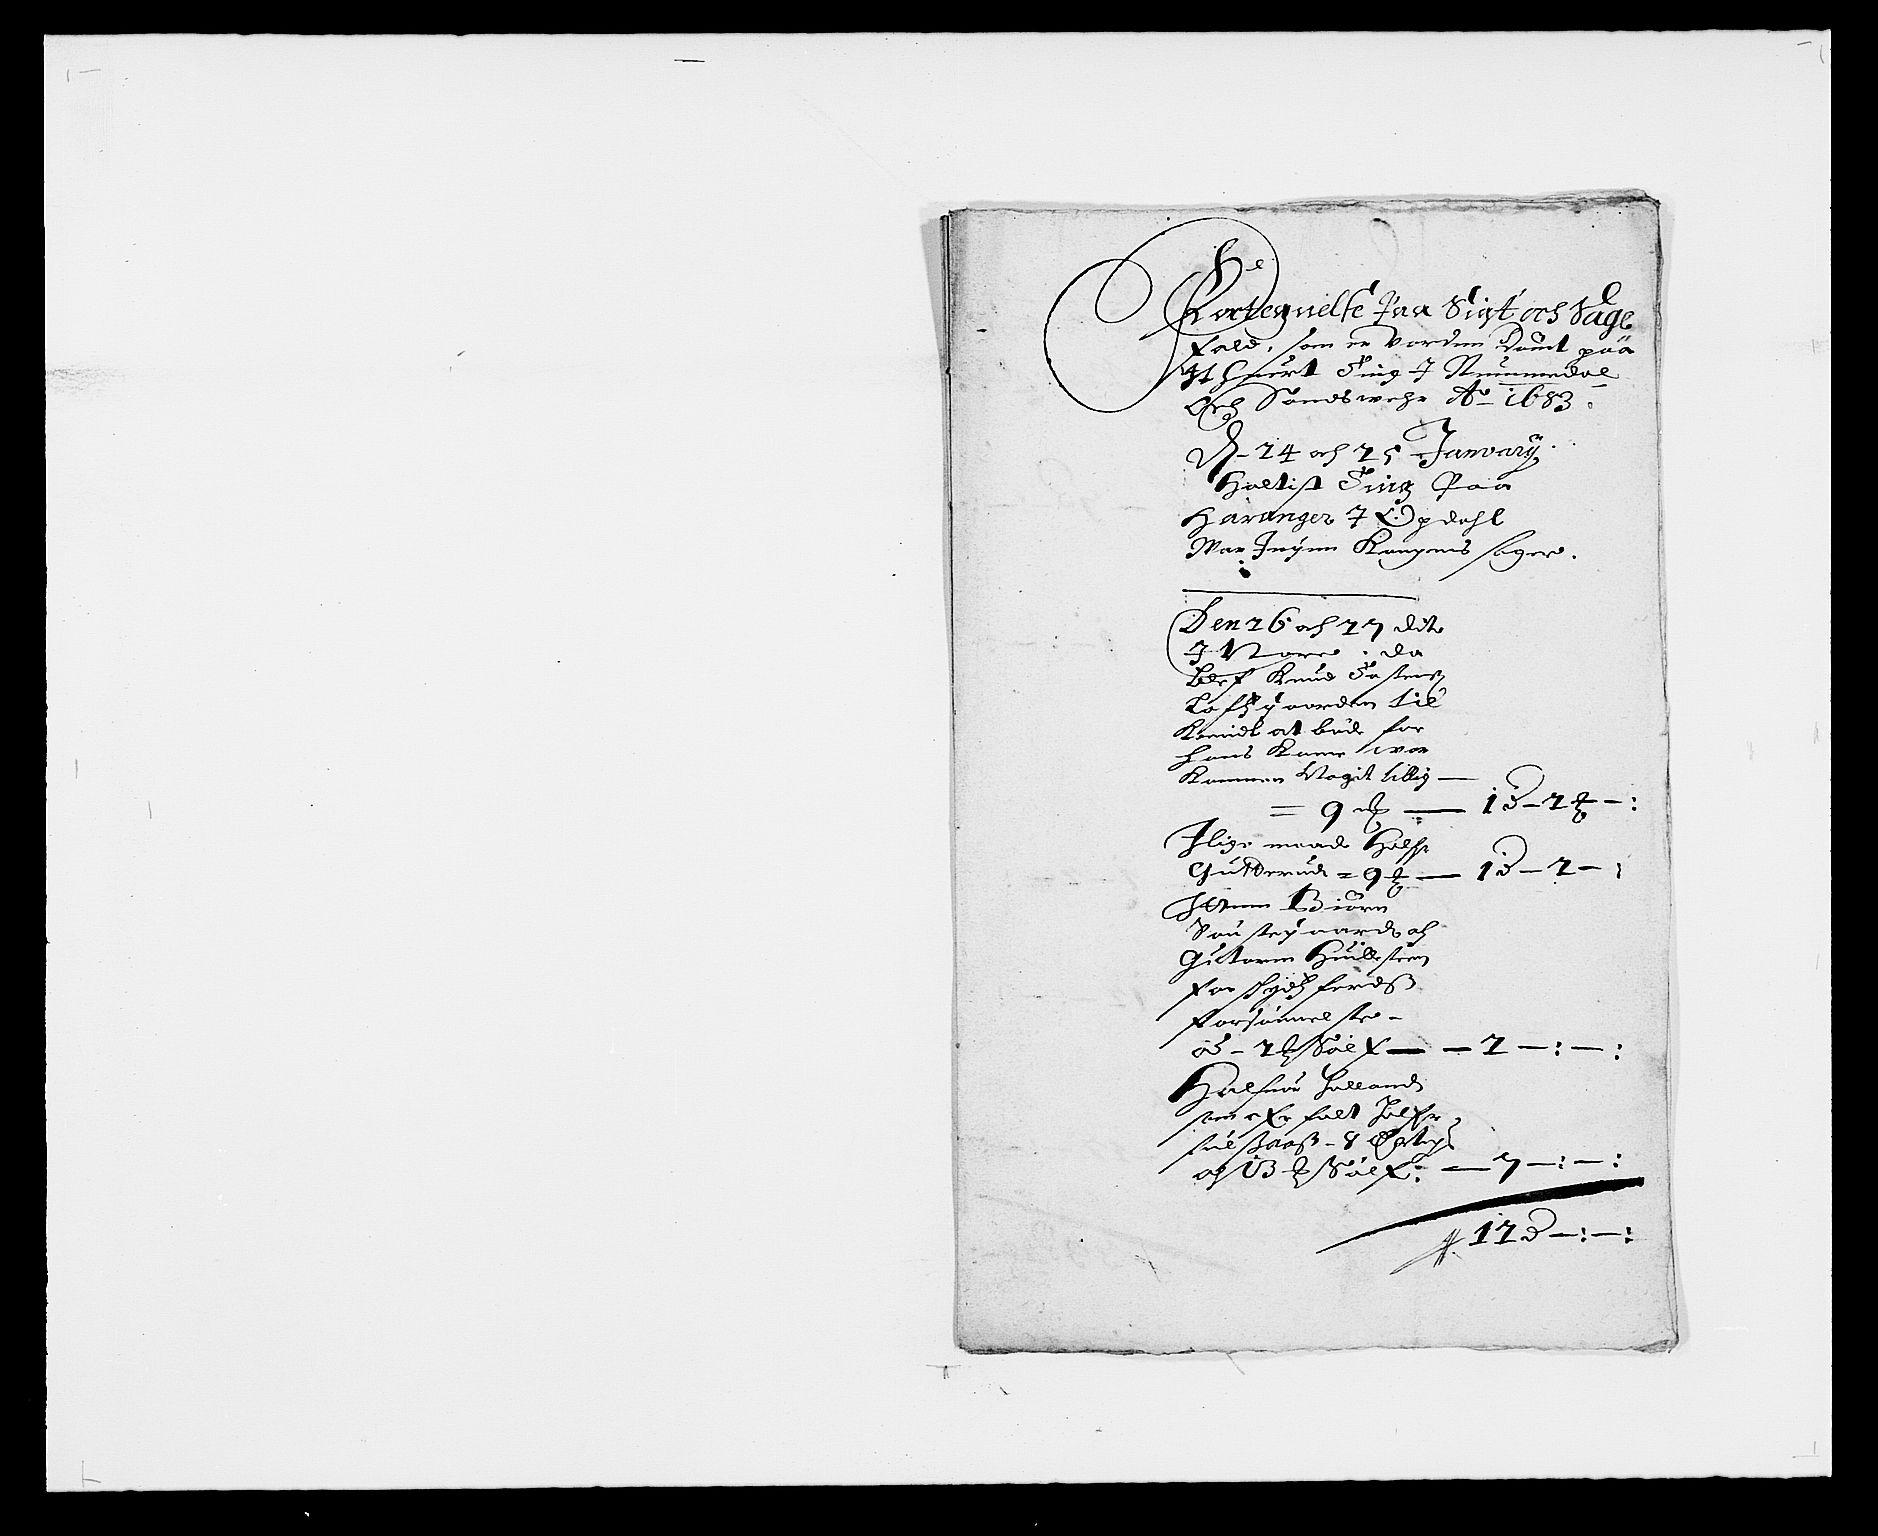 RA, Rentekammeret inntil 1814, Reviderte regnskaper, Fogderegnskap, R24/L1570: Fogderegnskap Numedal og Sandsvær, 1679-1686, s. 189